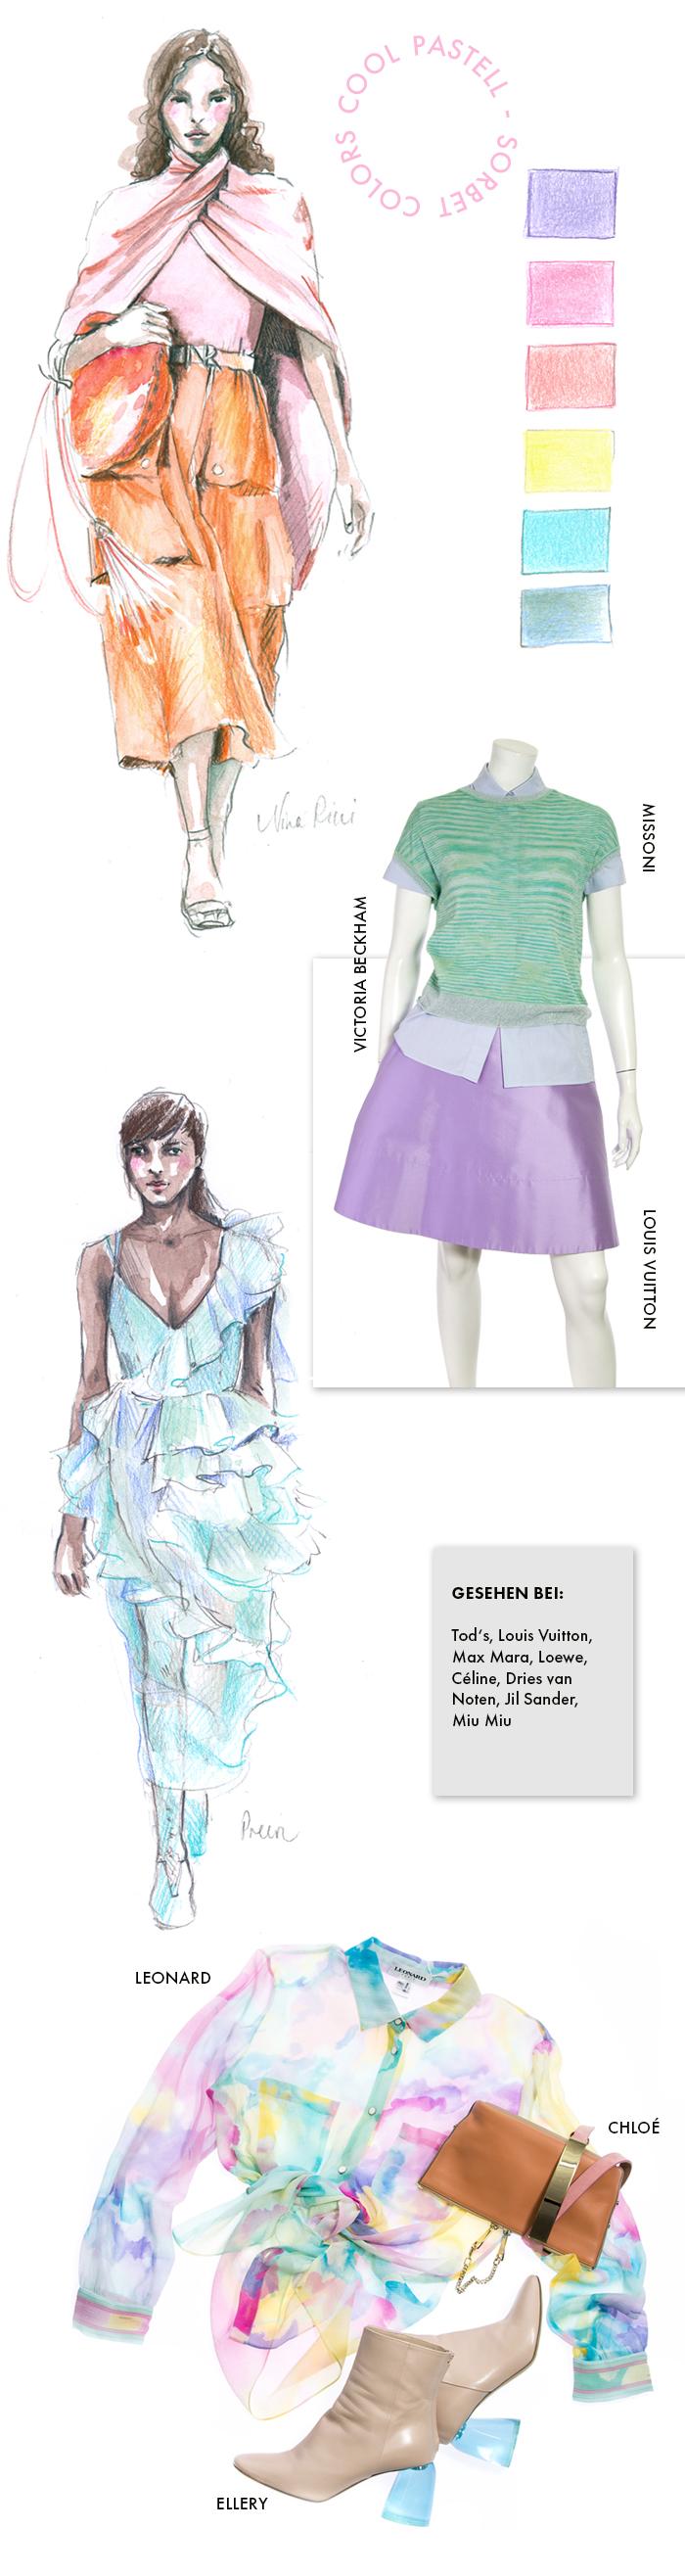 Trendwatch Spring/Summer 2018 - Pastell-Farben